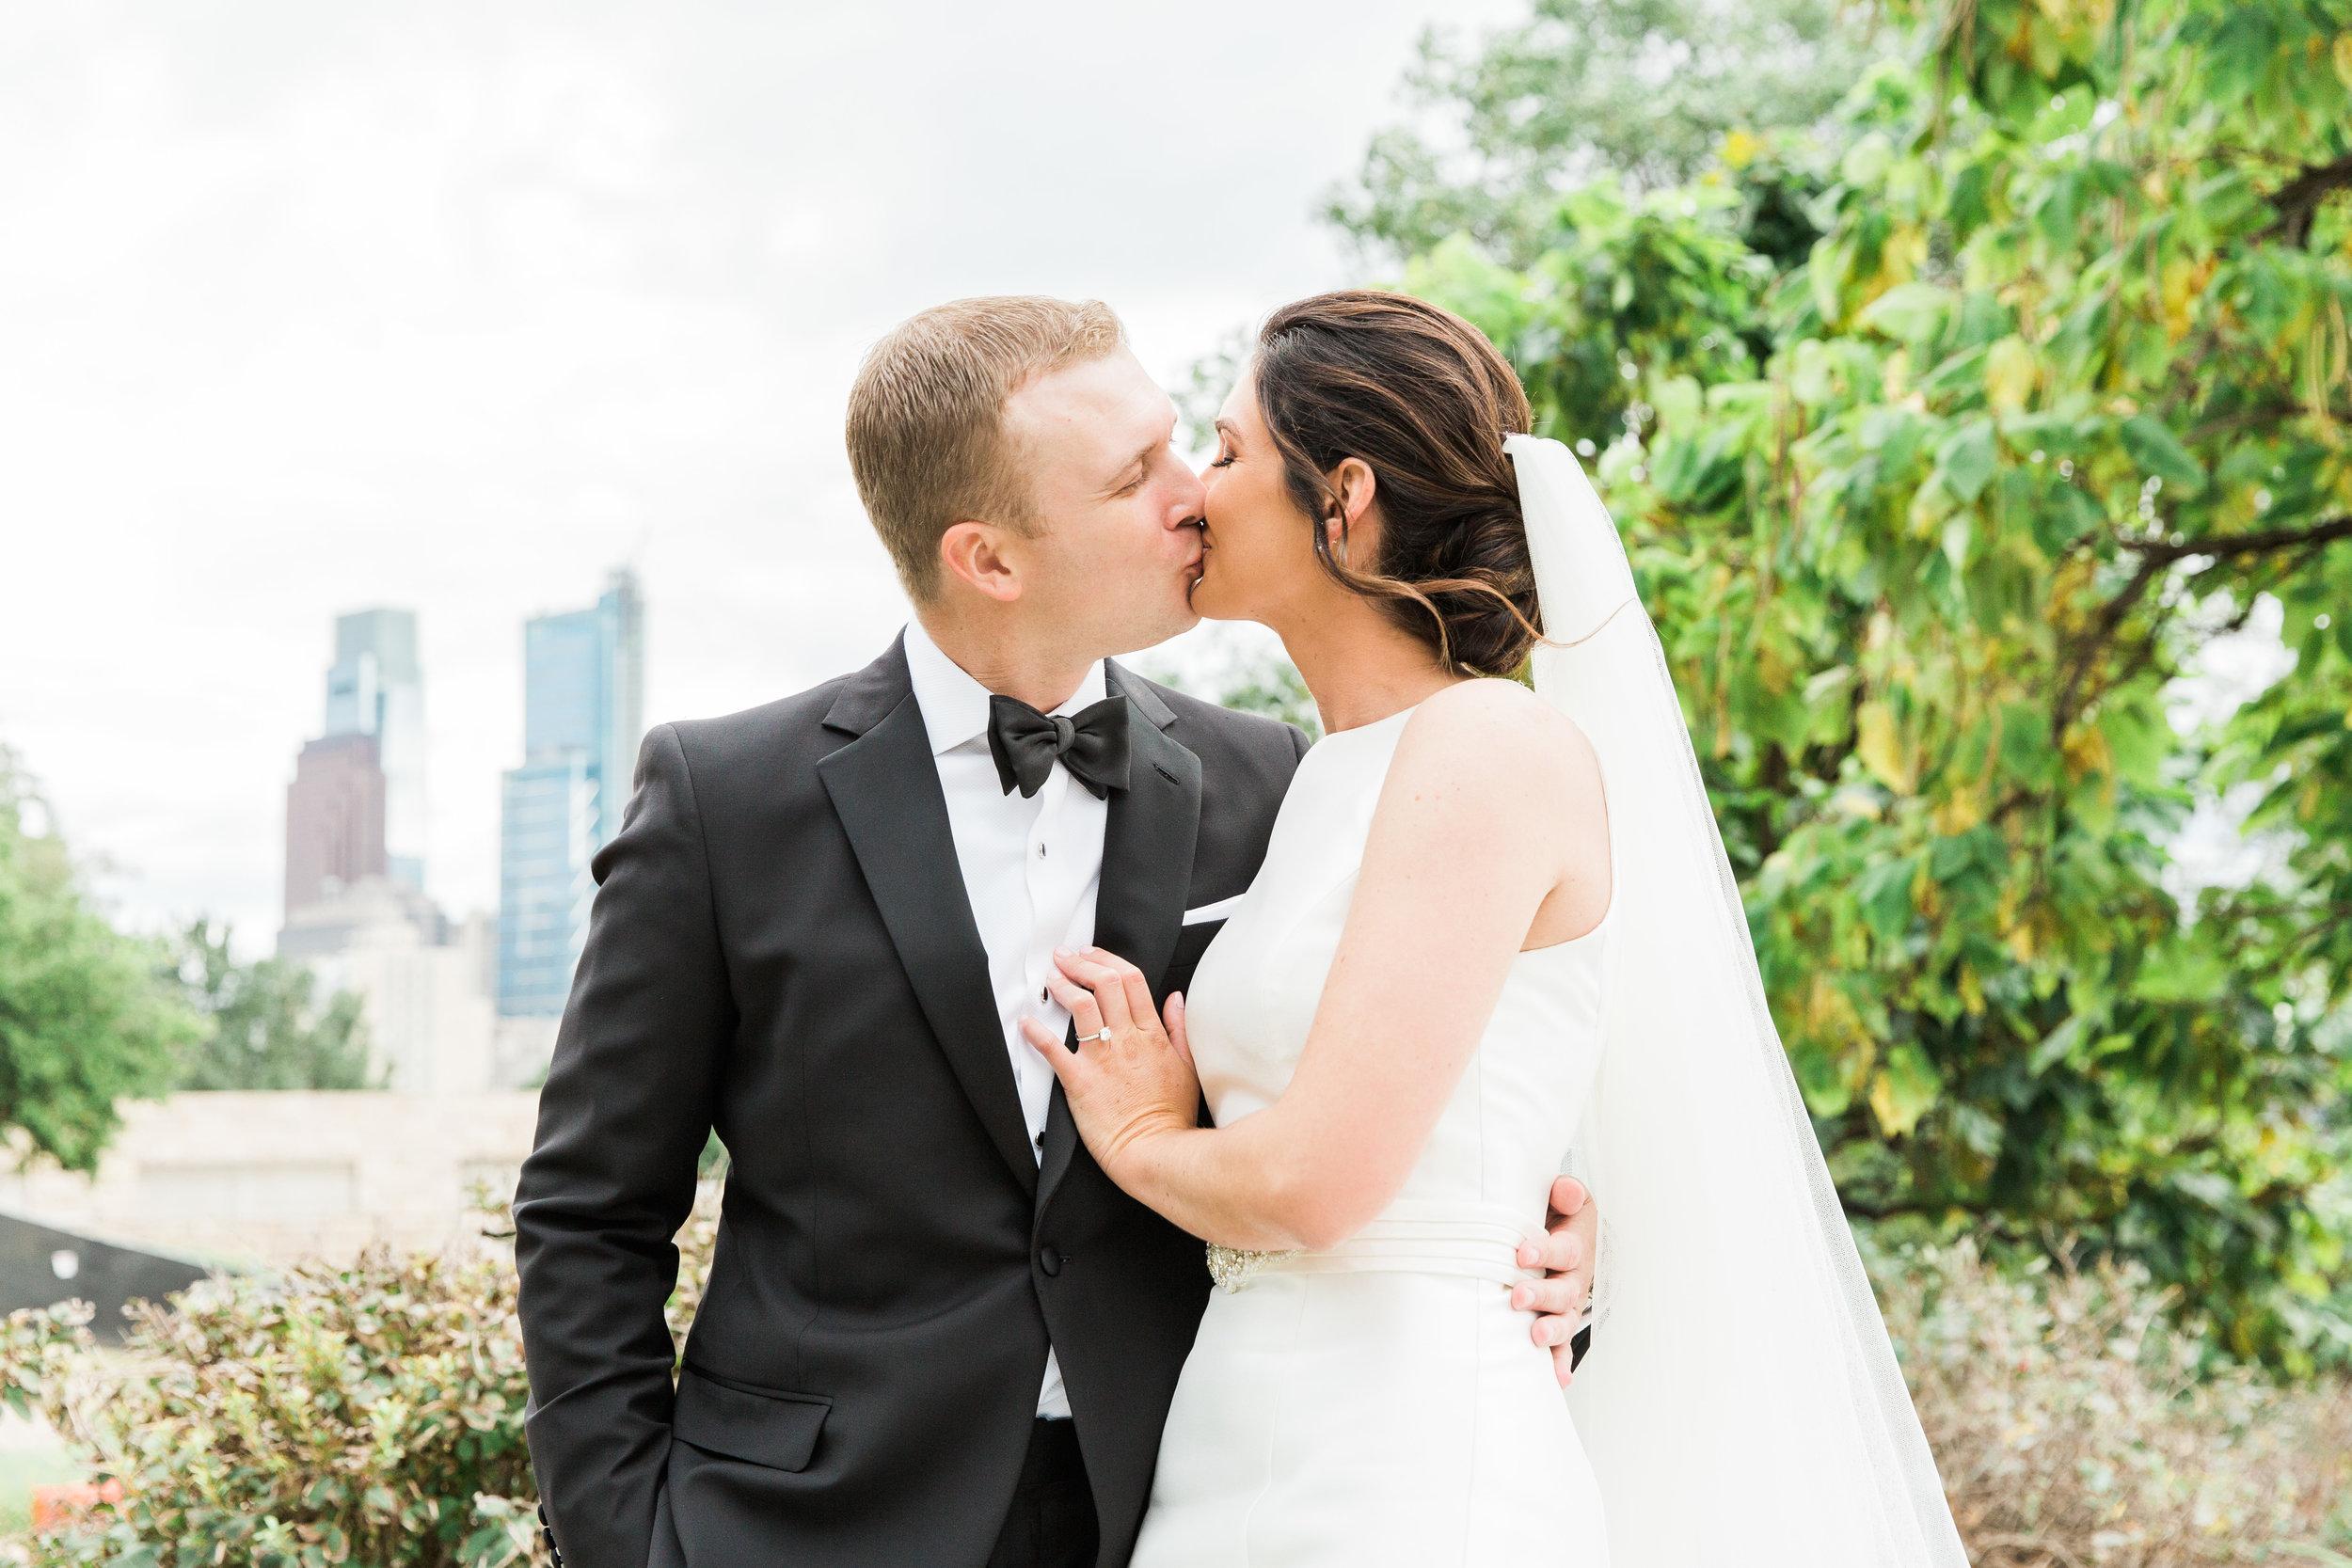 Hudson-Nichols-Black-Tie-Bride-Philadelphia-Waterworks-Wedding-Bride-Groom-Portraits10.jpg